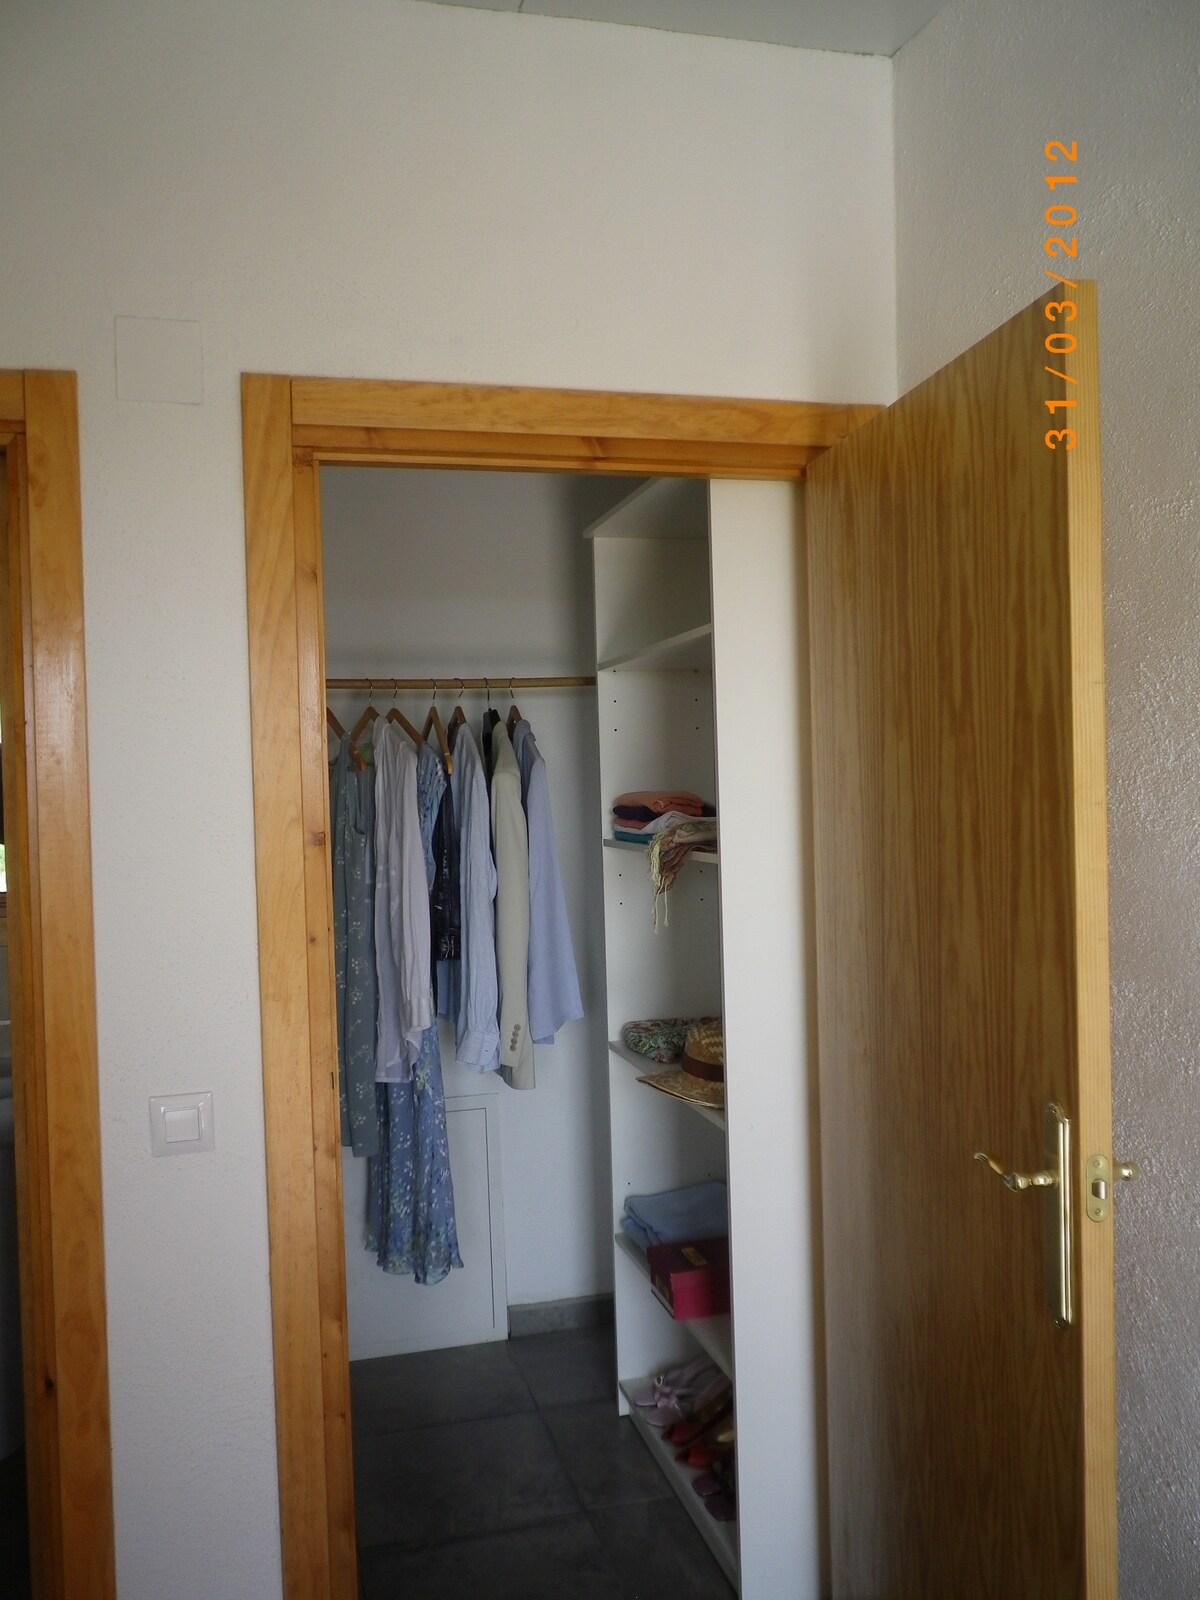 Plenty of space in the wardrobe.